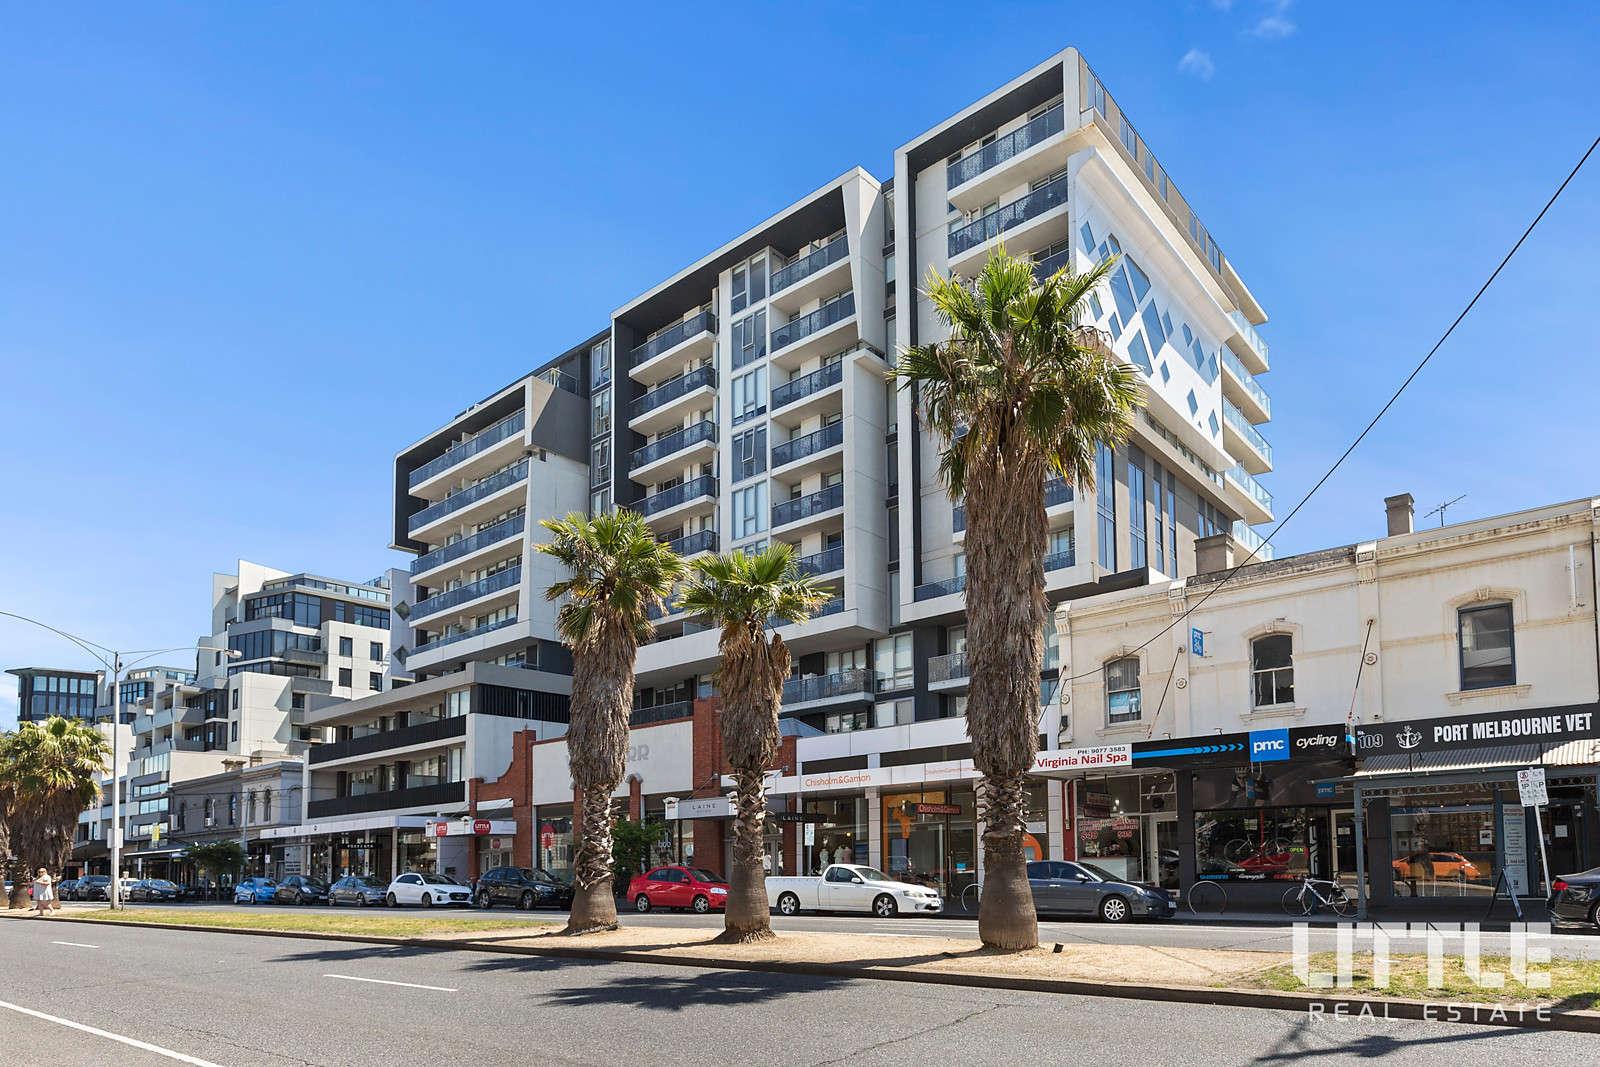 Khu căn hộở Úc ngoại ô Port Melbourne nhìn từ bên ngoài